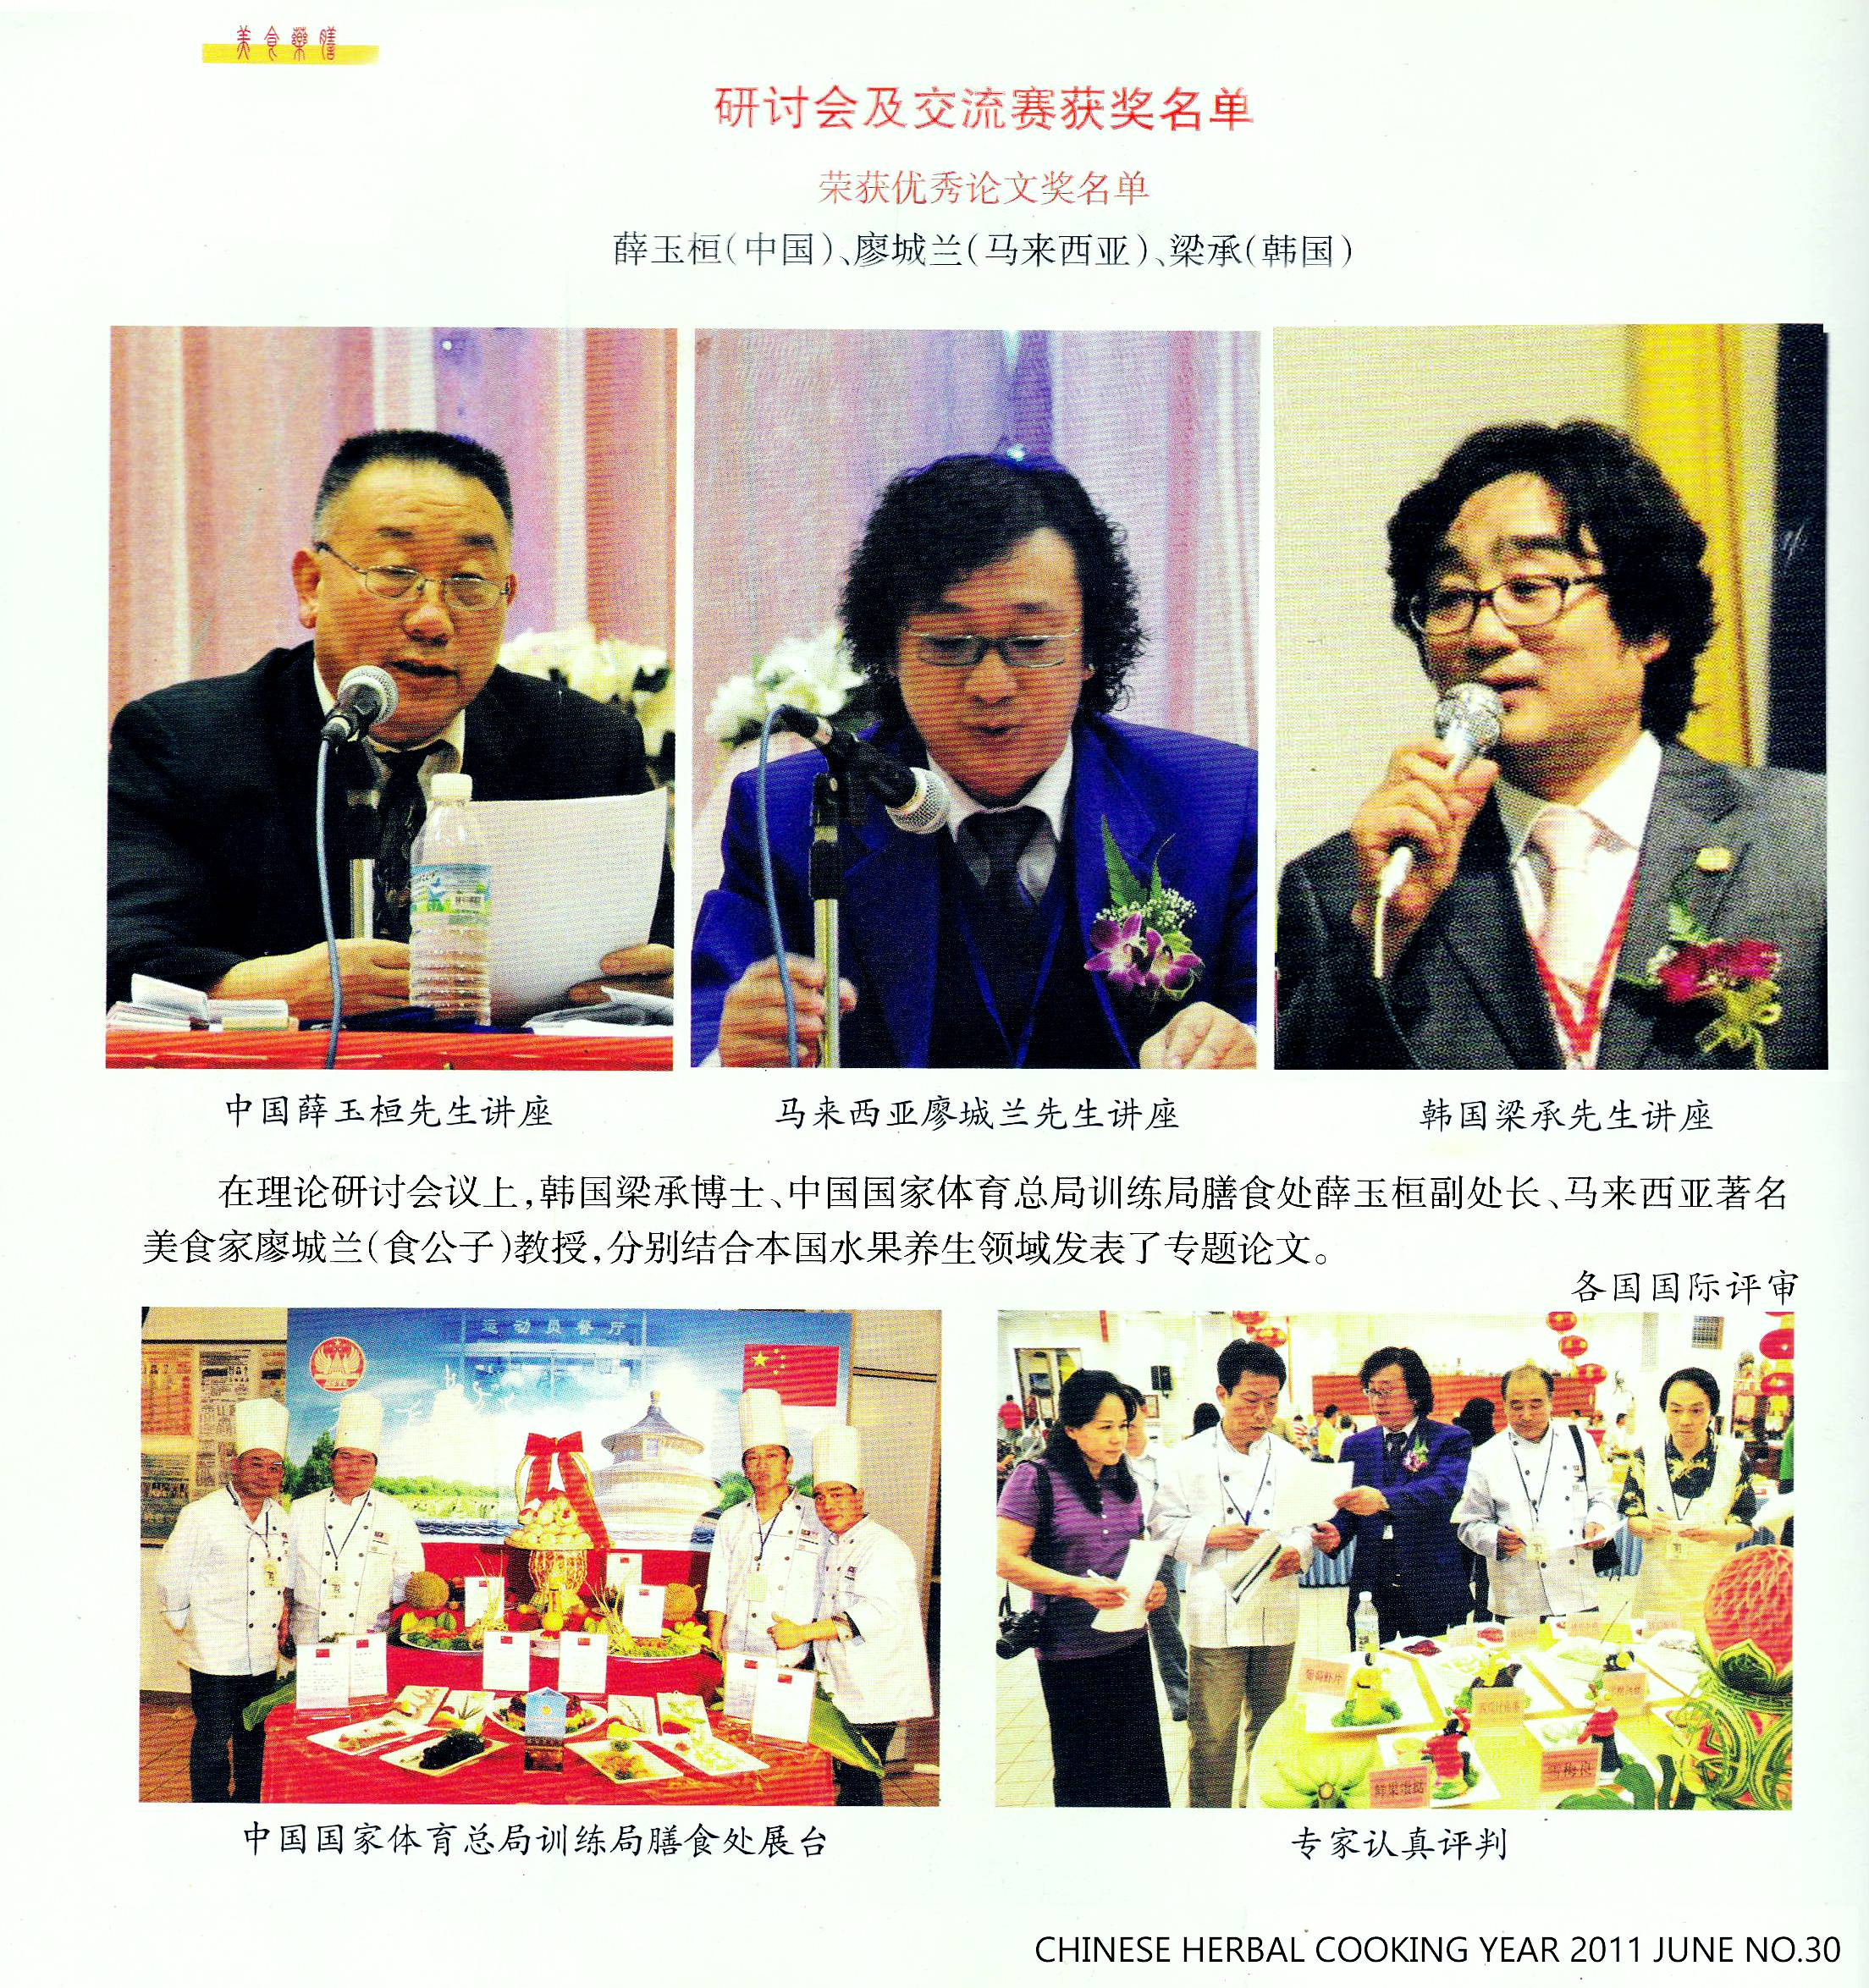 食公子荣获优秀论文奖及担任国际烹饪大赛首席评审